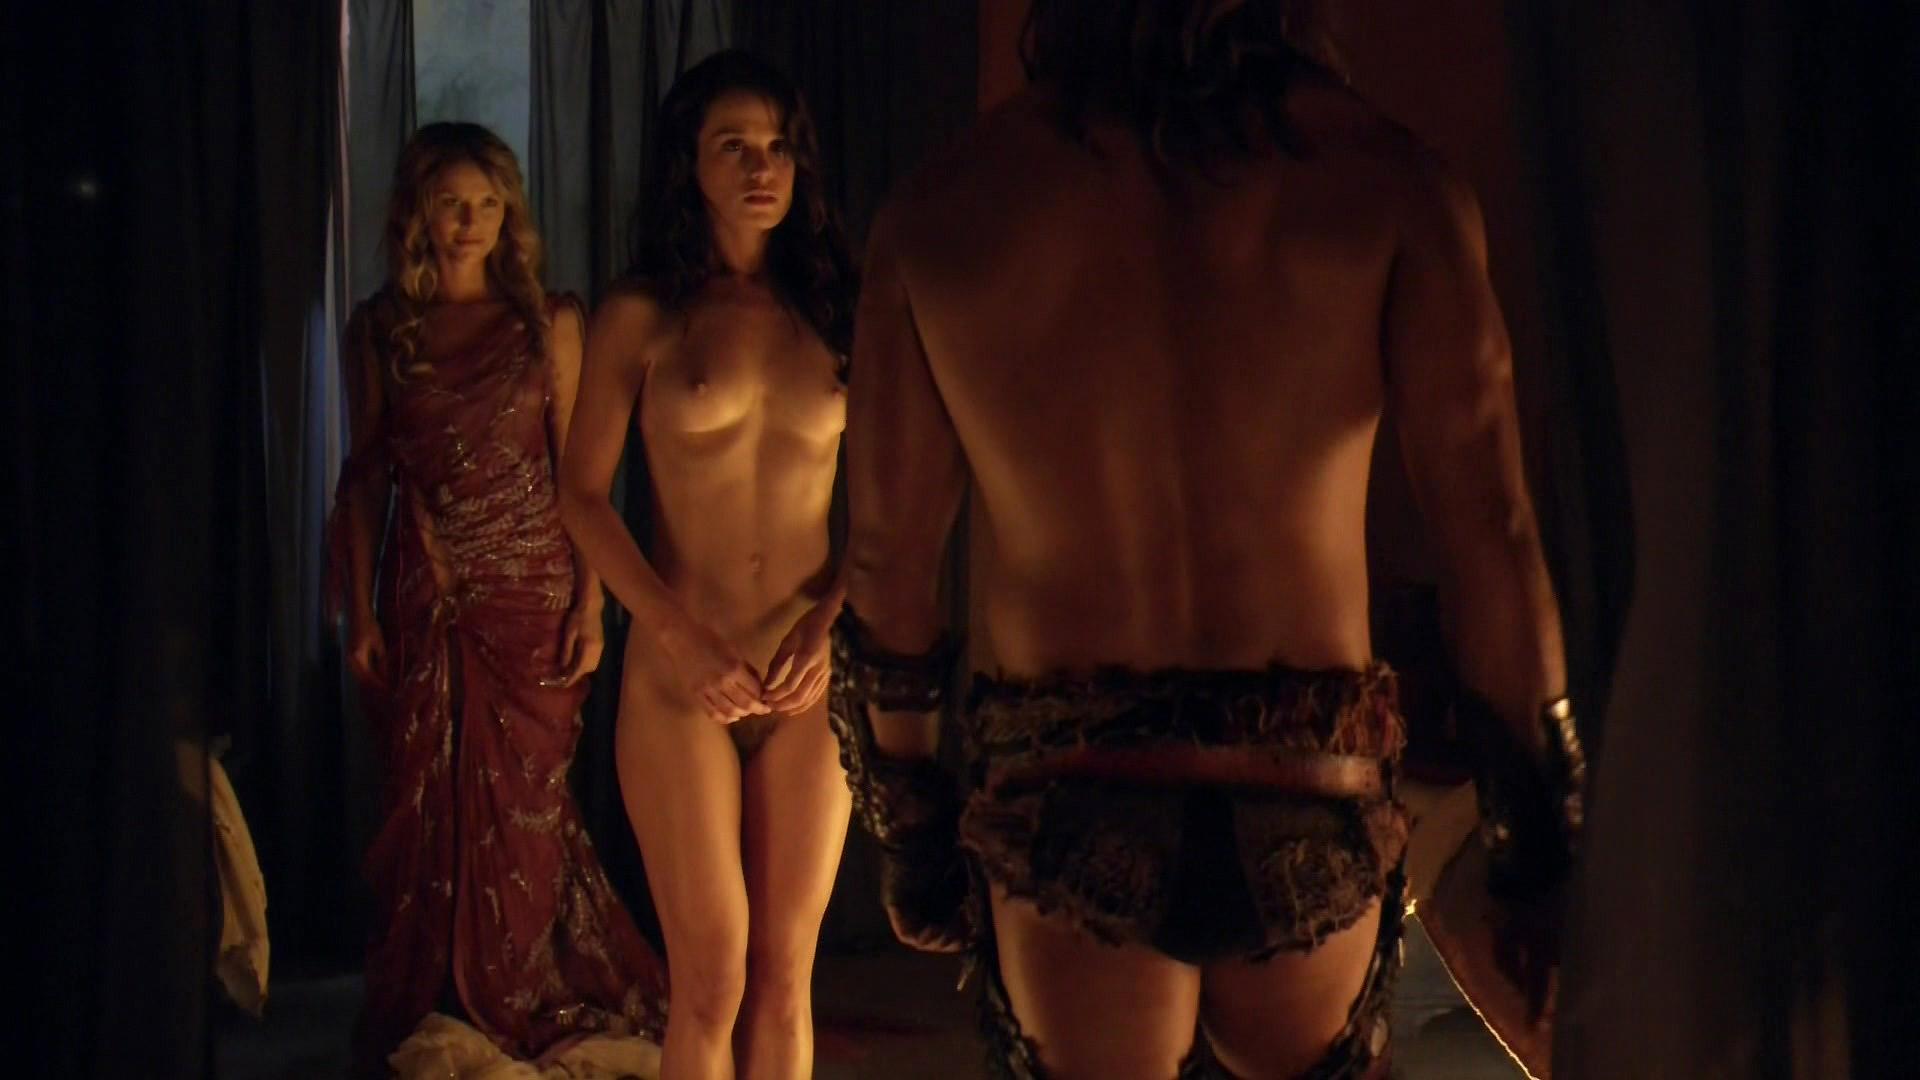 taylor nude Gwendoline spartacus